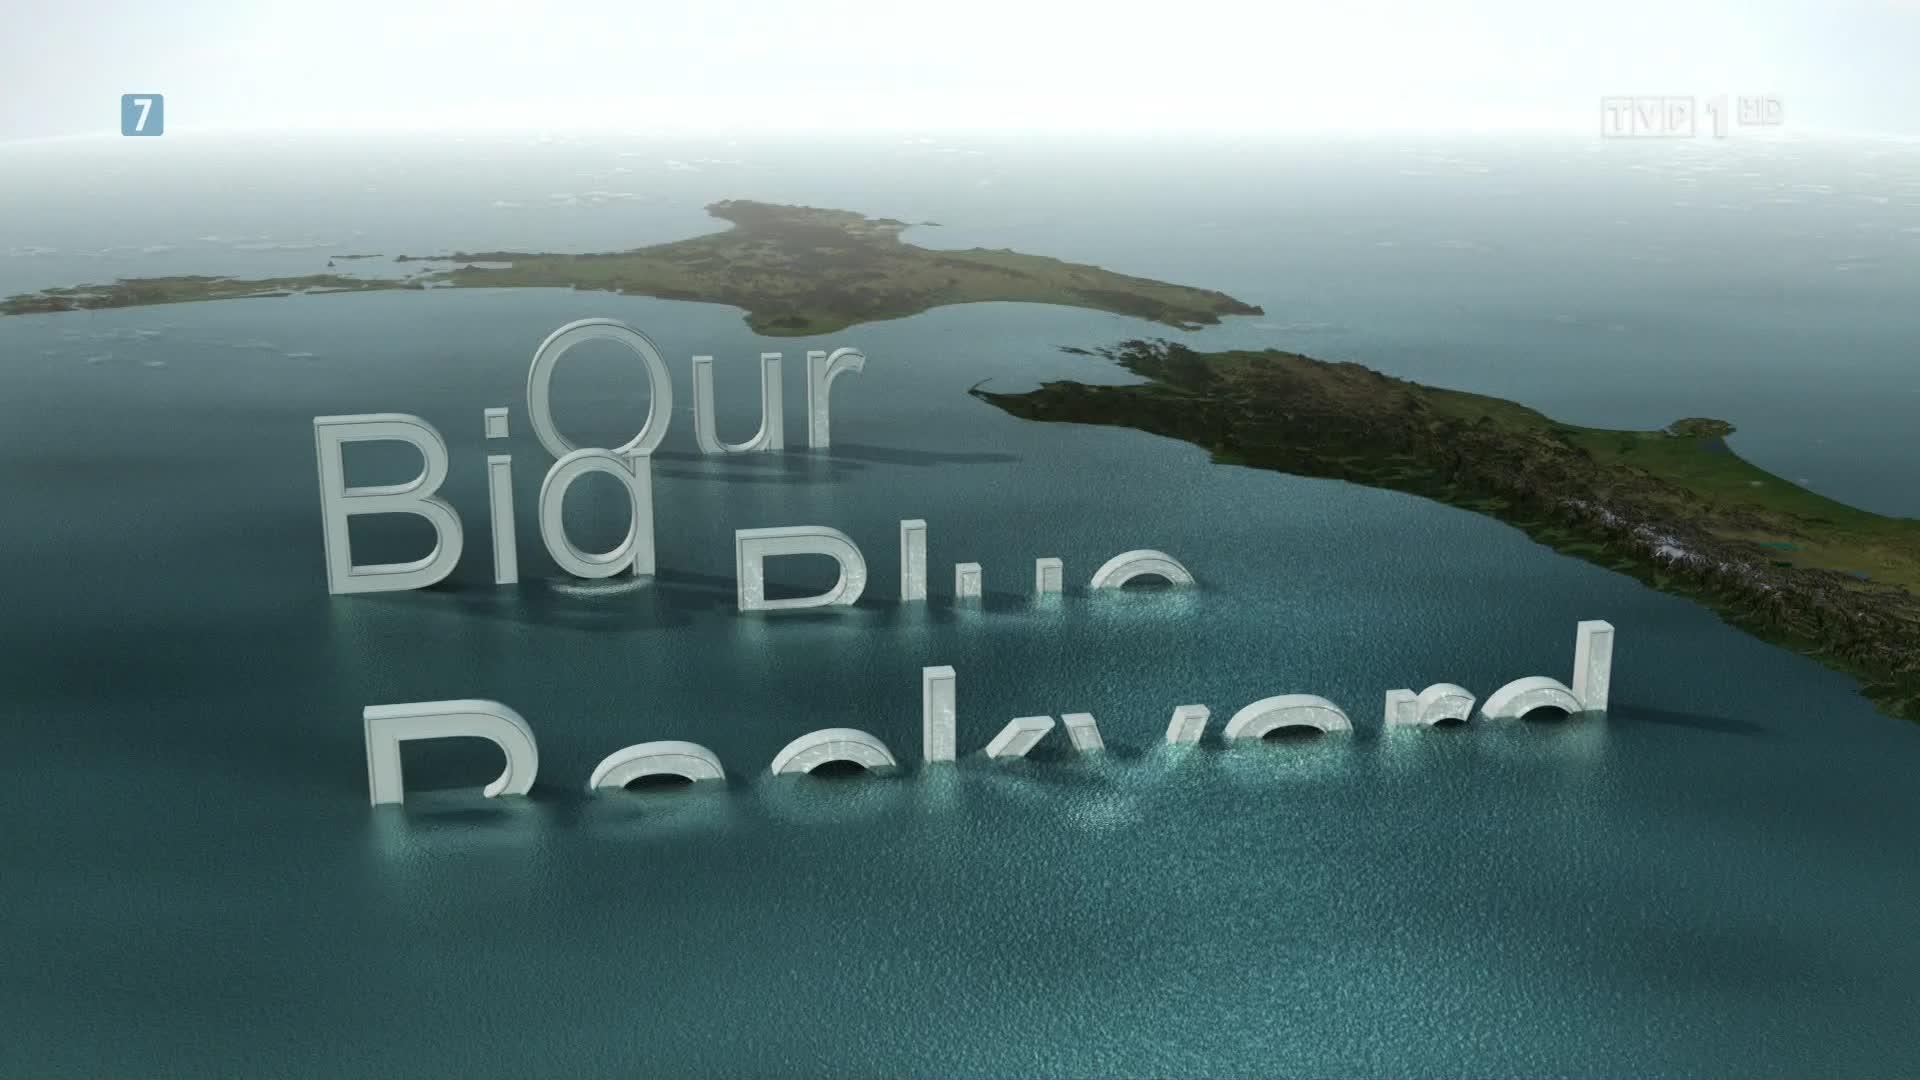 Strzelanina W Nowej Zelandii Film Image: U Wybrzeży Nowej Zelandii. Zatoki Regionu Norbours. 1080p